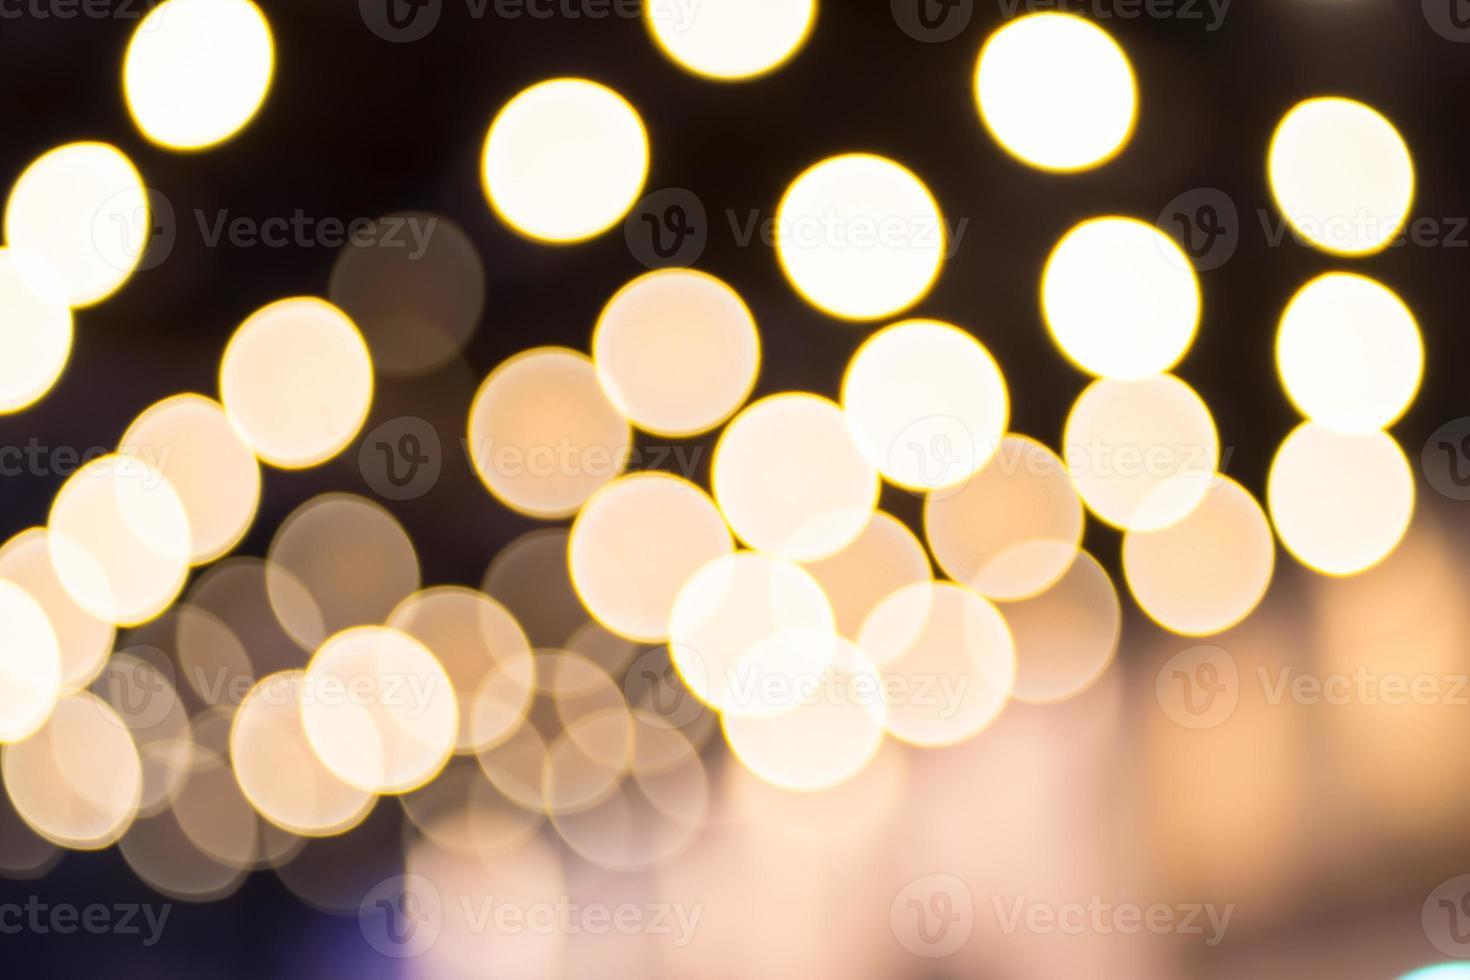 desfocar o fundo: resumo cricle bokeh iluminação, textura backgr foto